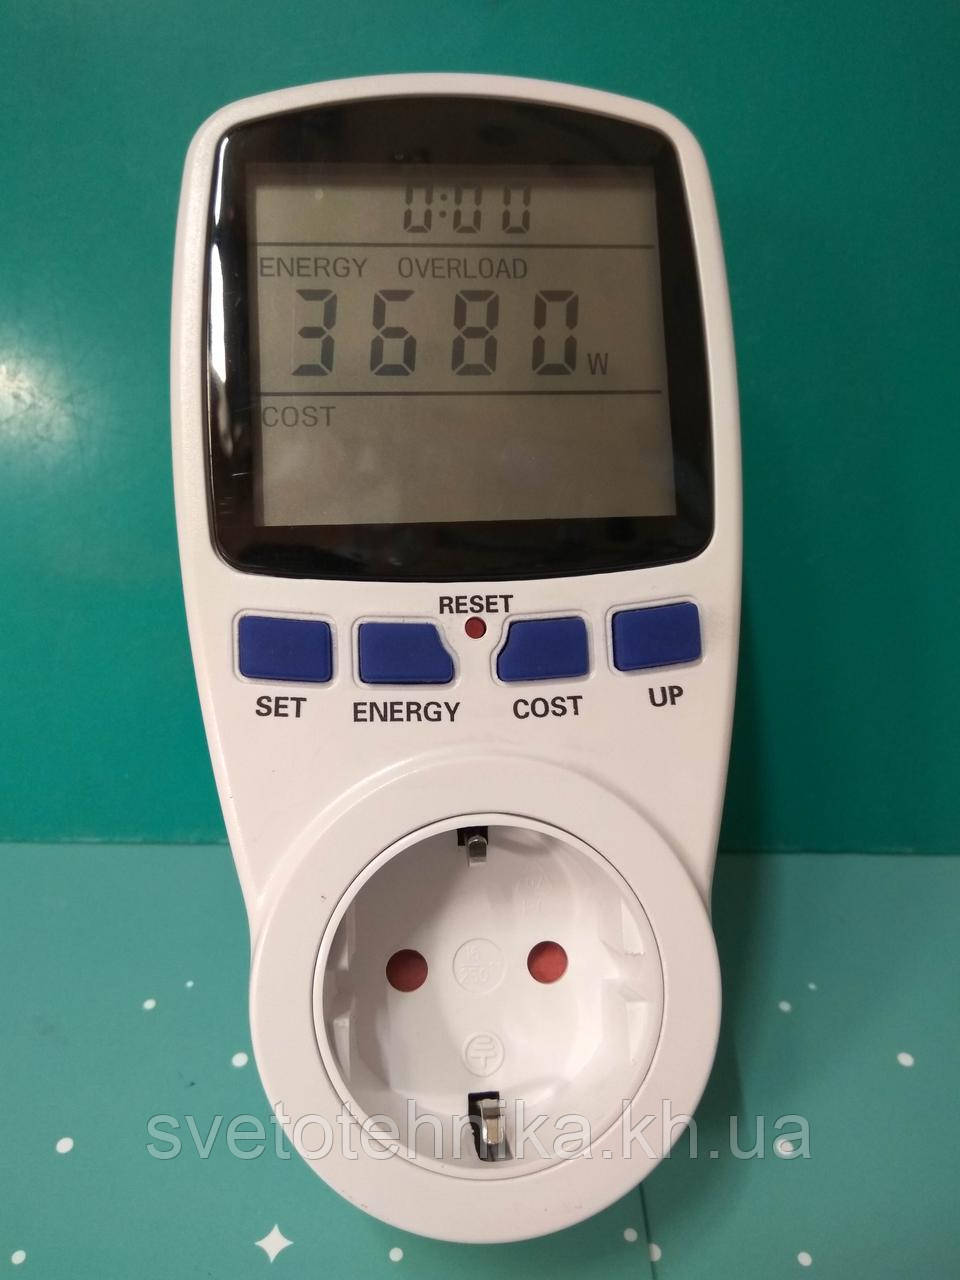 Энергометр (измеритель мощности и расхода электроэнергии) Feron TM55 3680W 230V - фото 5